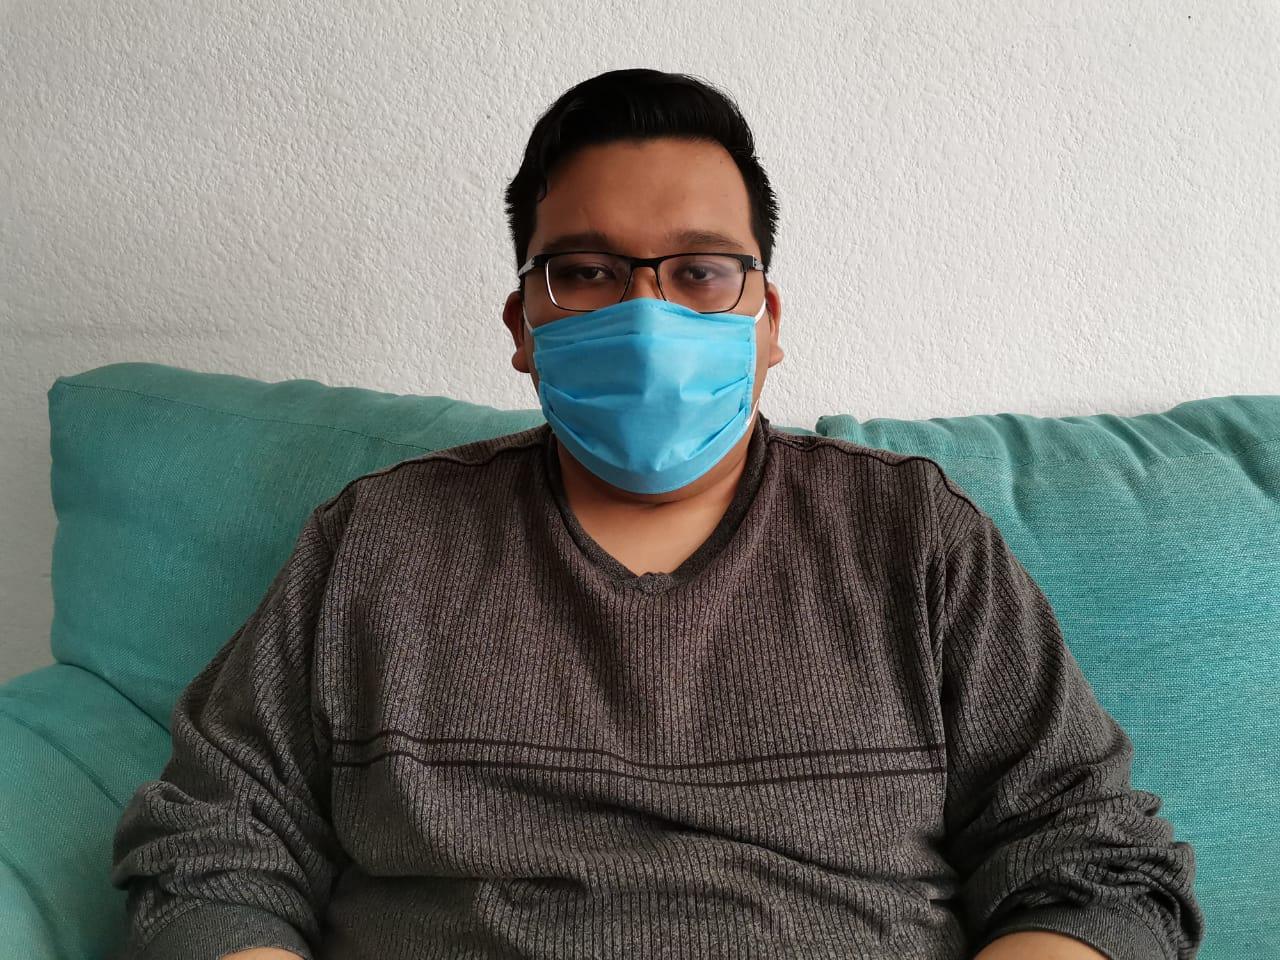 Médico vence al COVID-19; pide donar plasma para salvar vidas